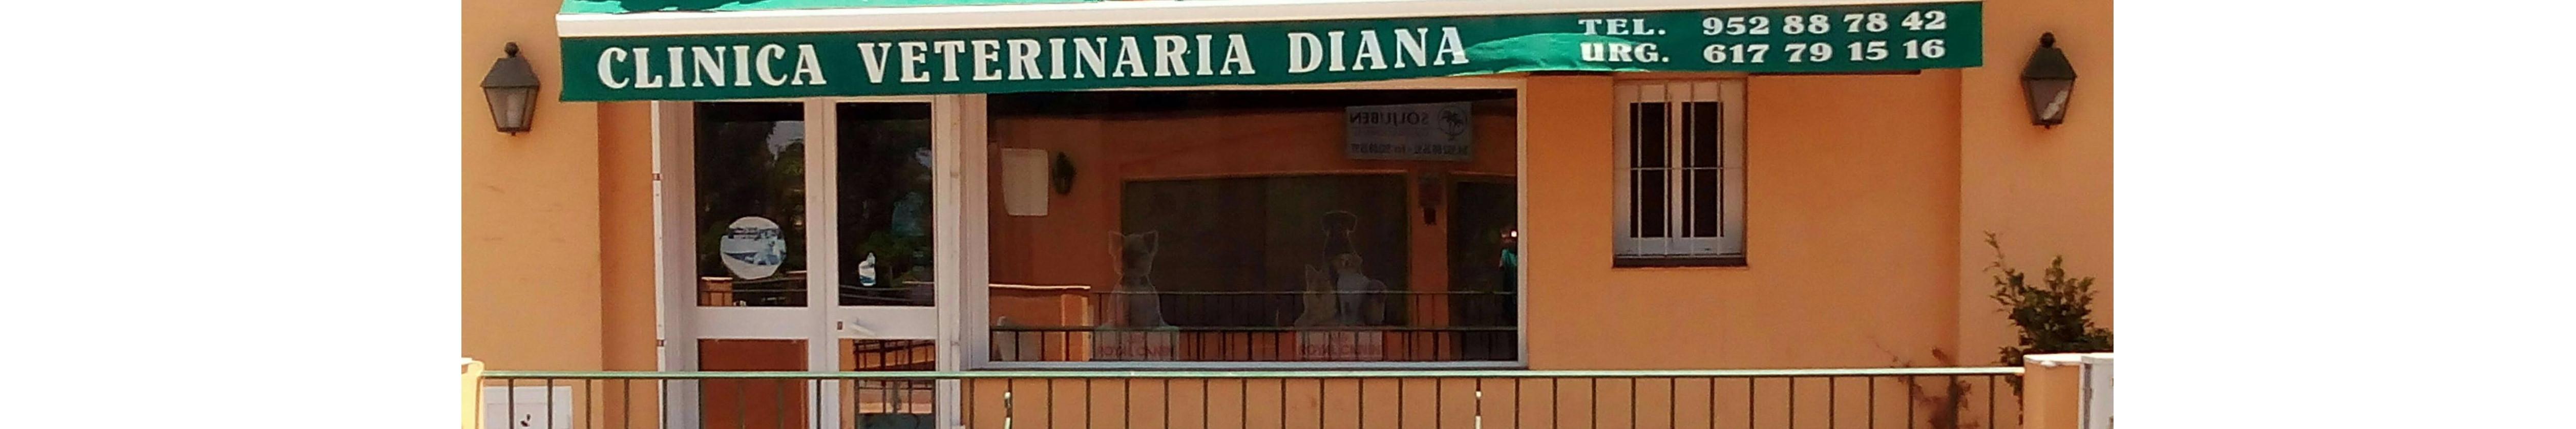 Clínica Veterinaria Diana